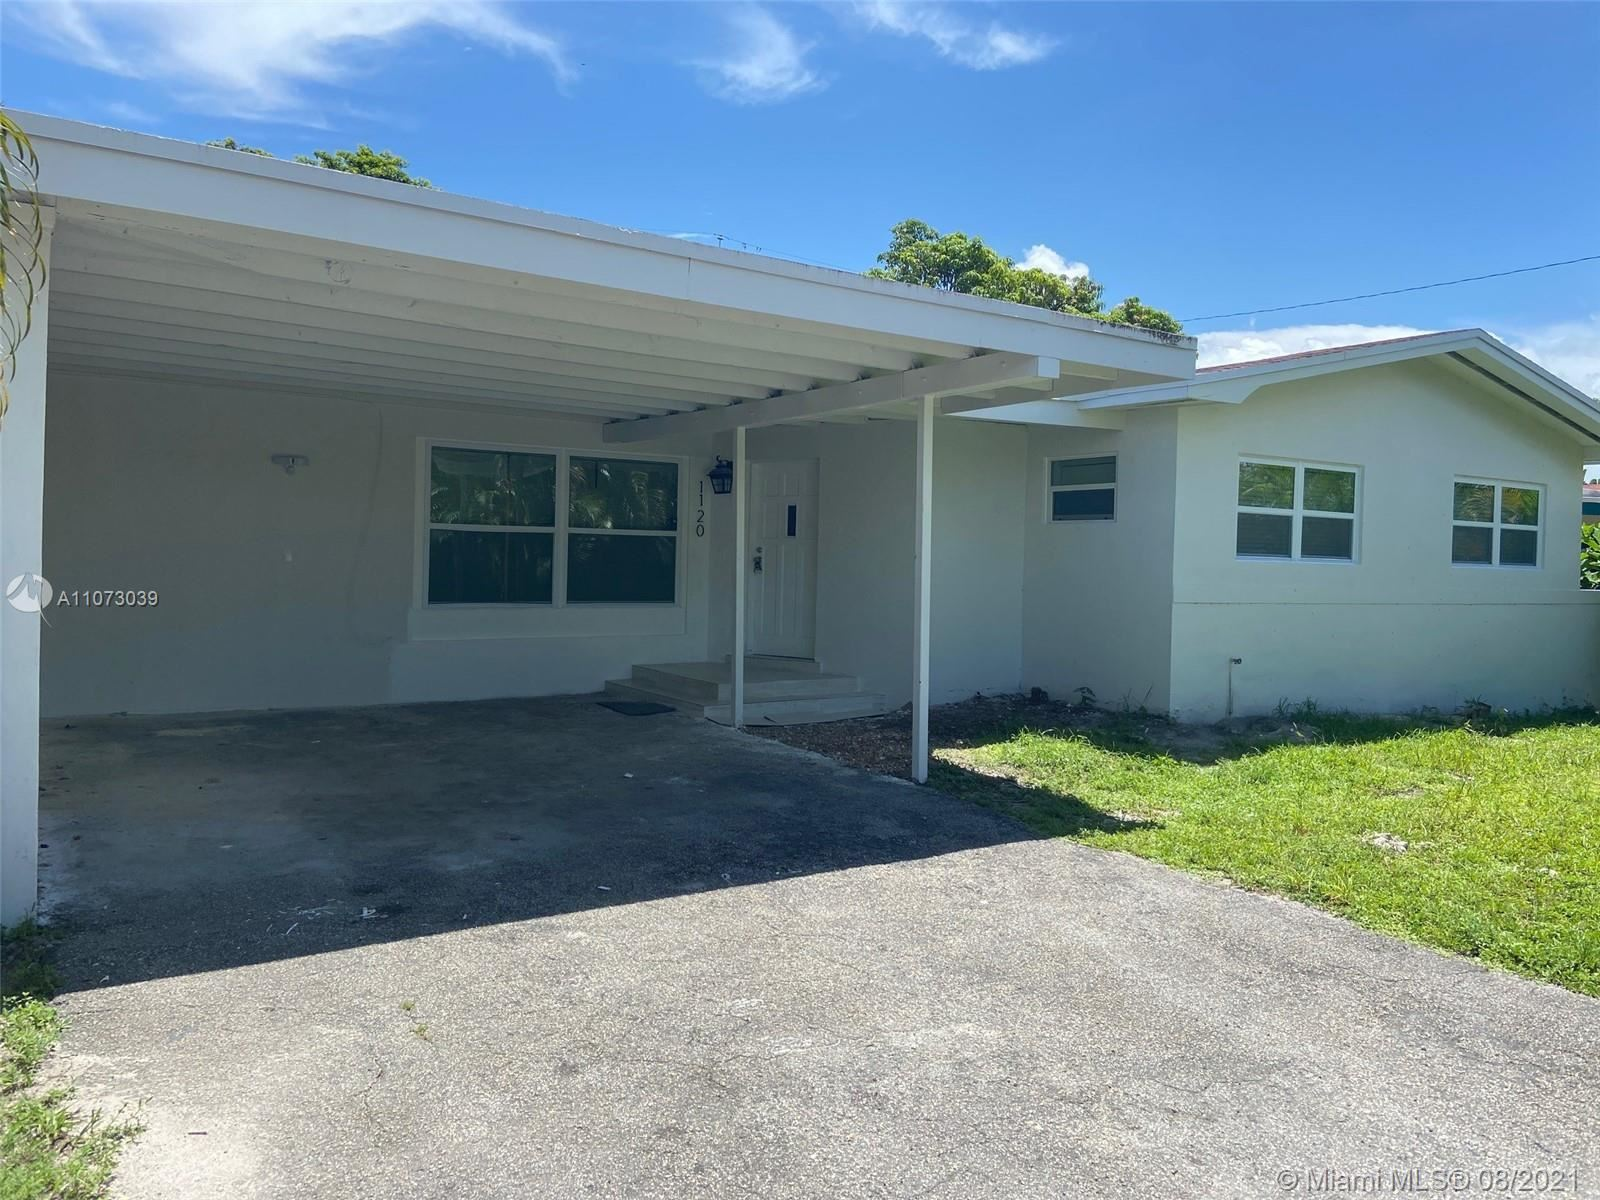 1120 NE 110th Ter, Miami, FL 33161 - #: A11073039